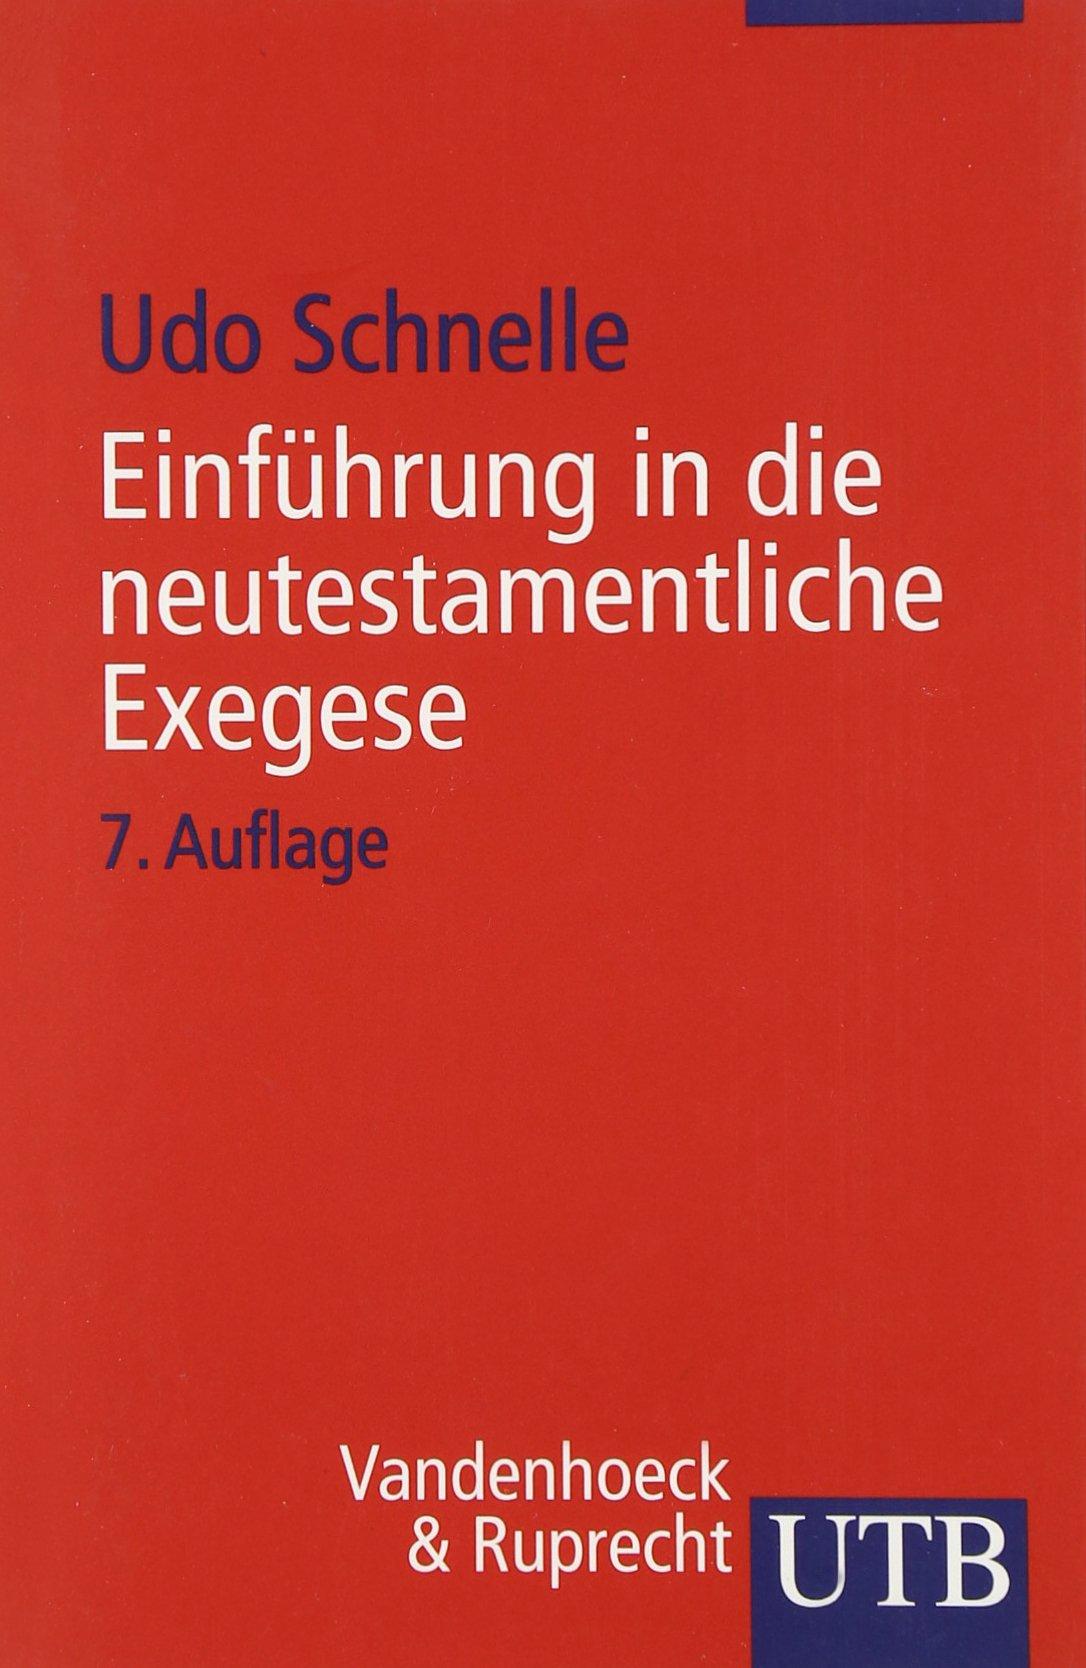 Einführung in die neutestamentliche Exegese (Uni-Taschenbücher S)